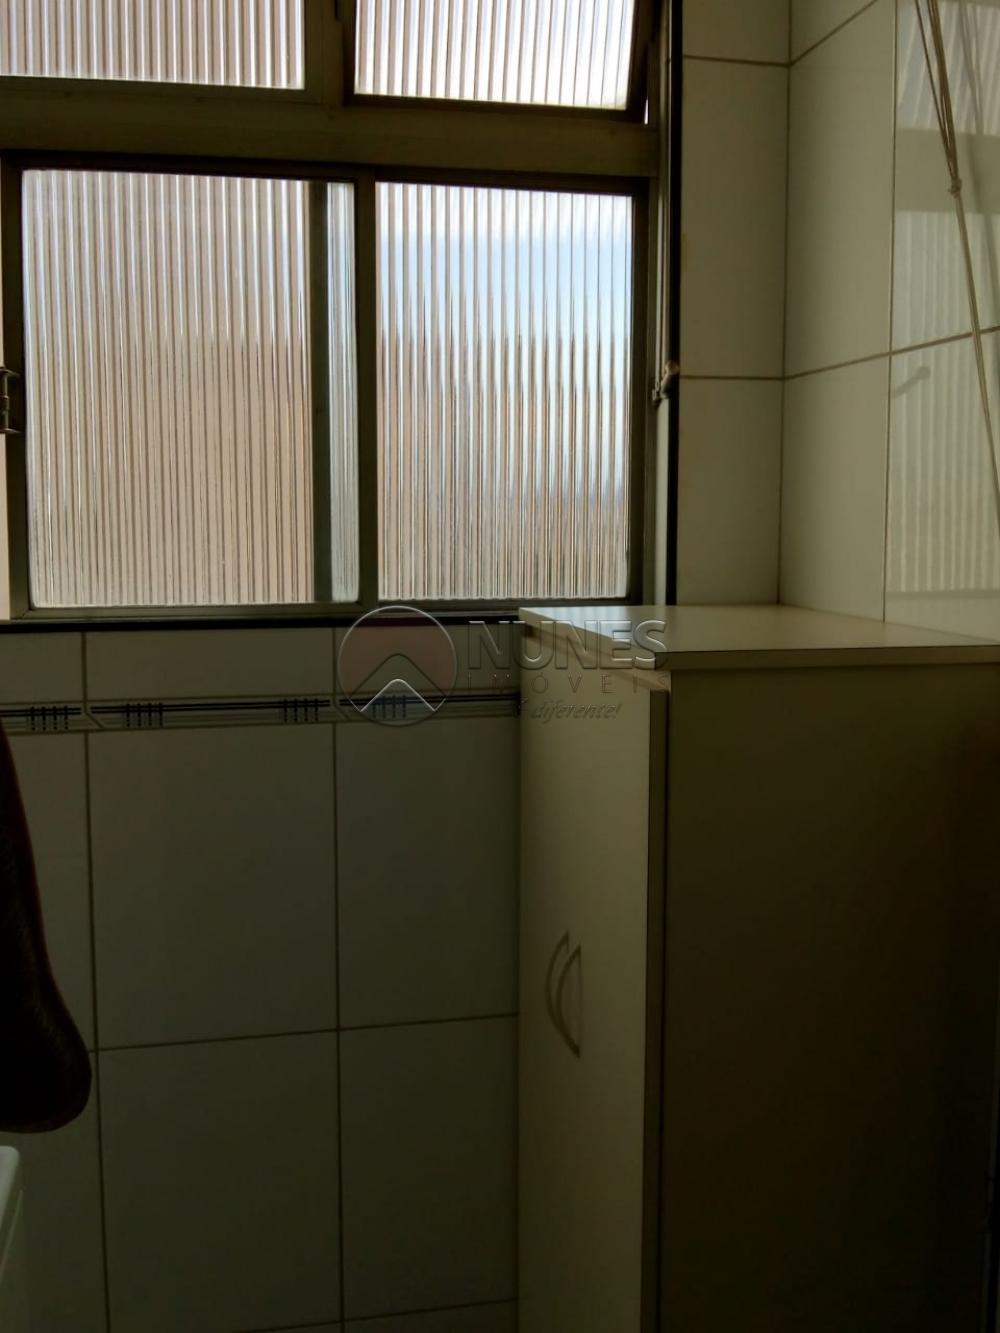 Comprar Apartamento / Padrão em Osasco apenas R$ 495.000,00 - Foto 14